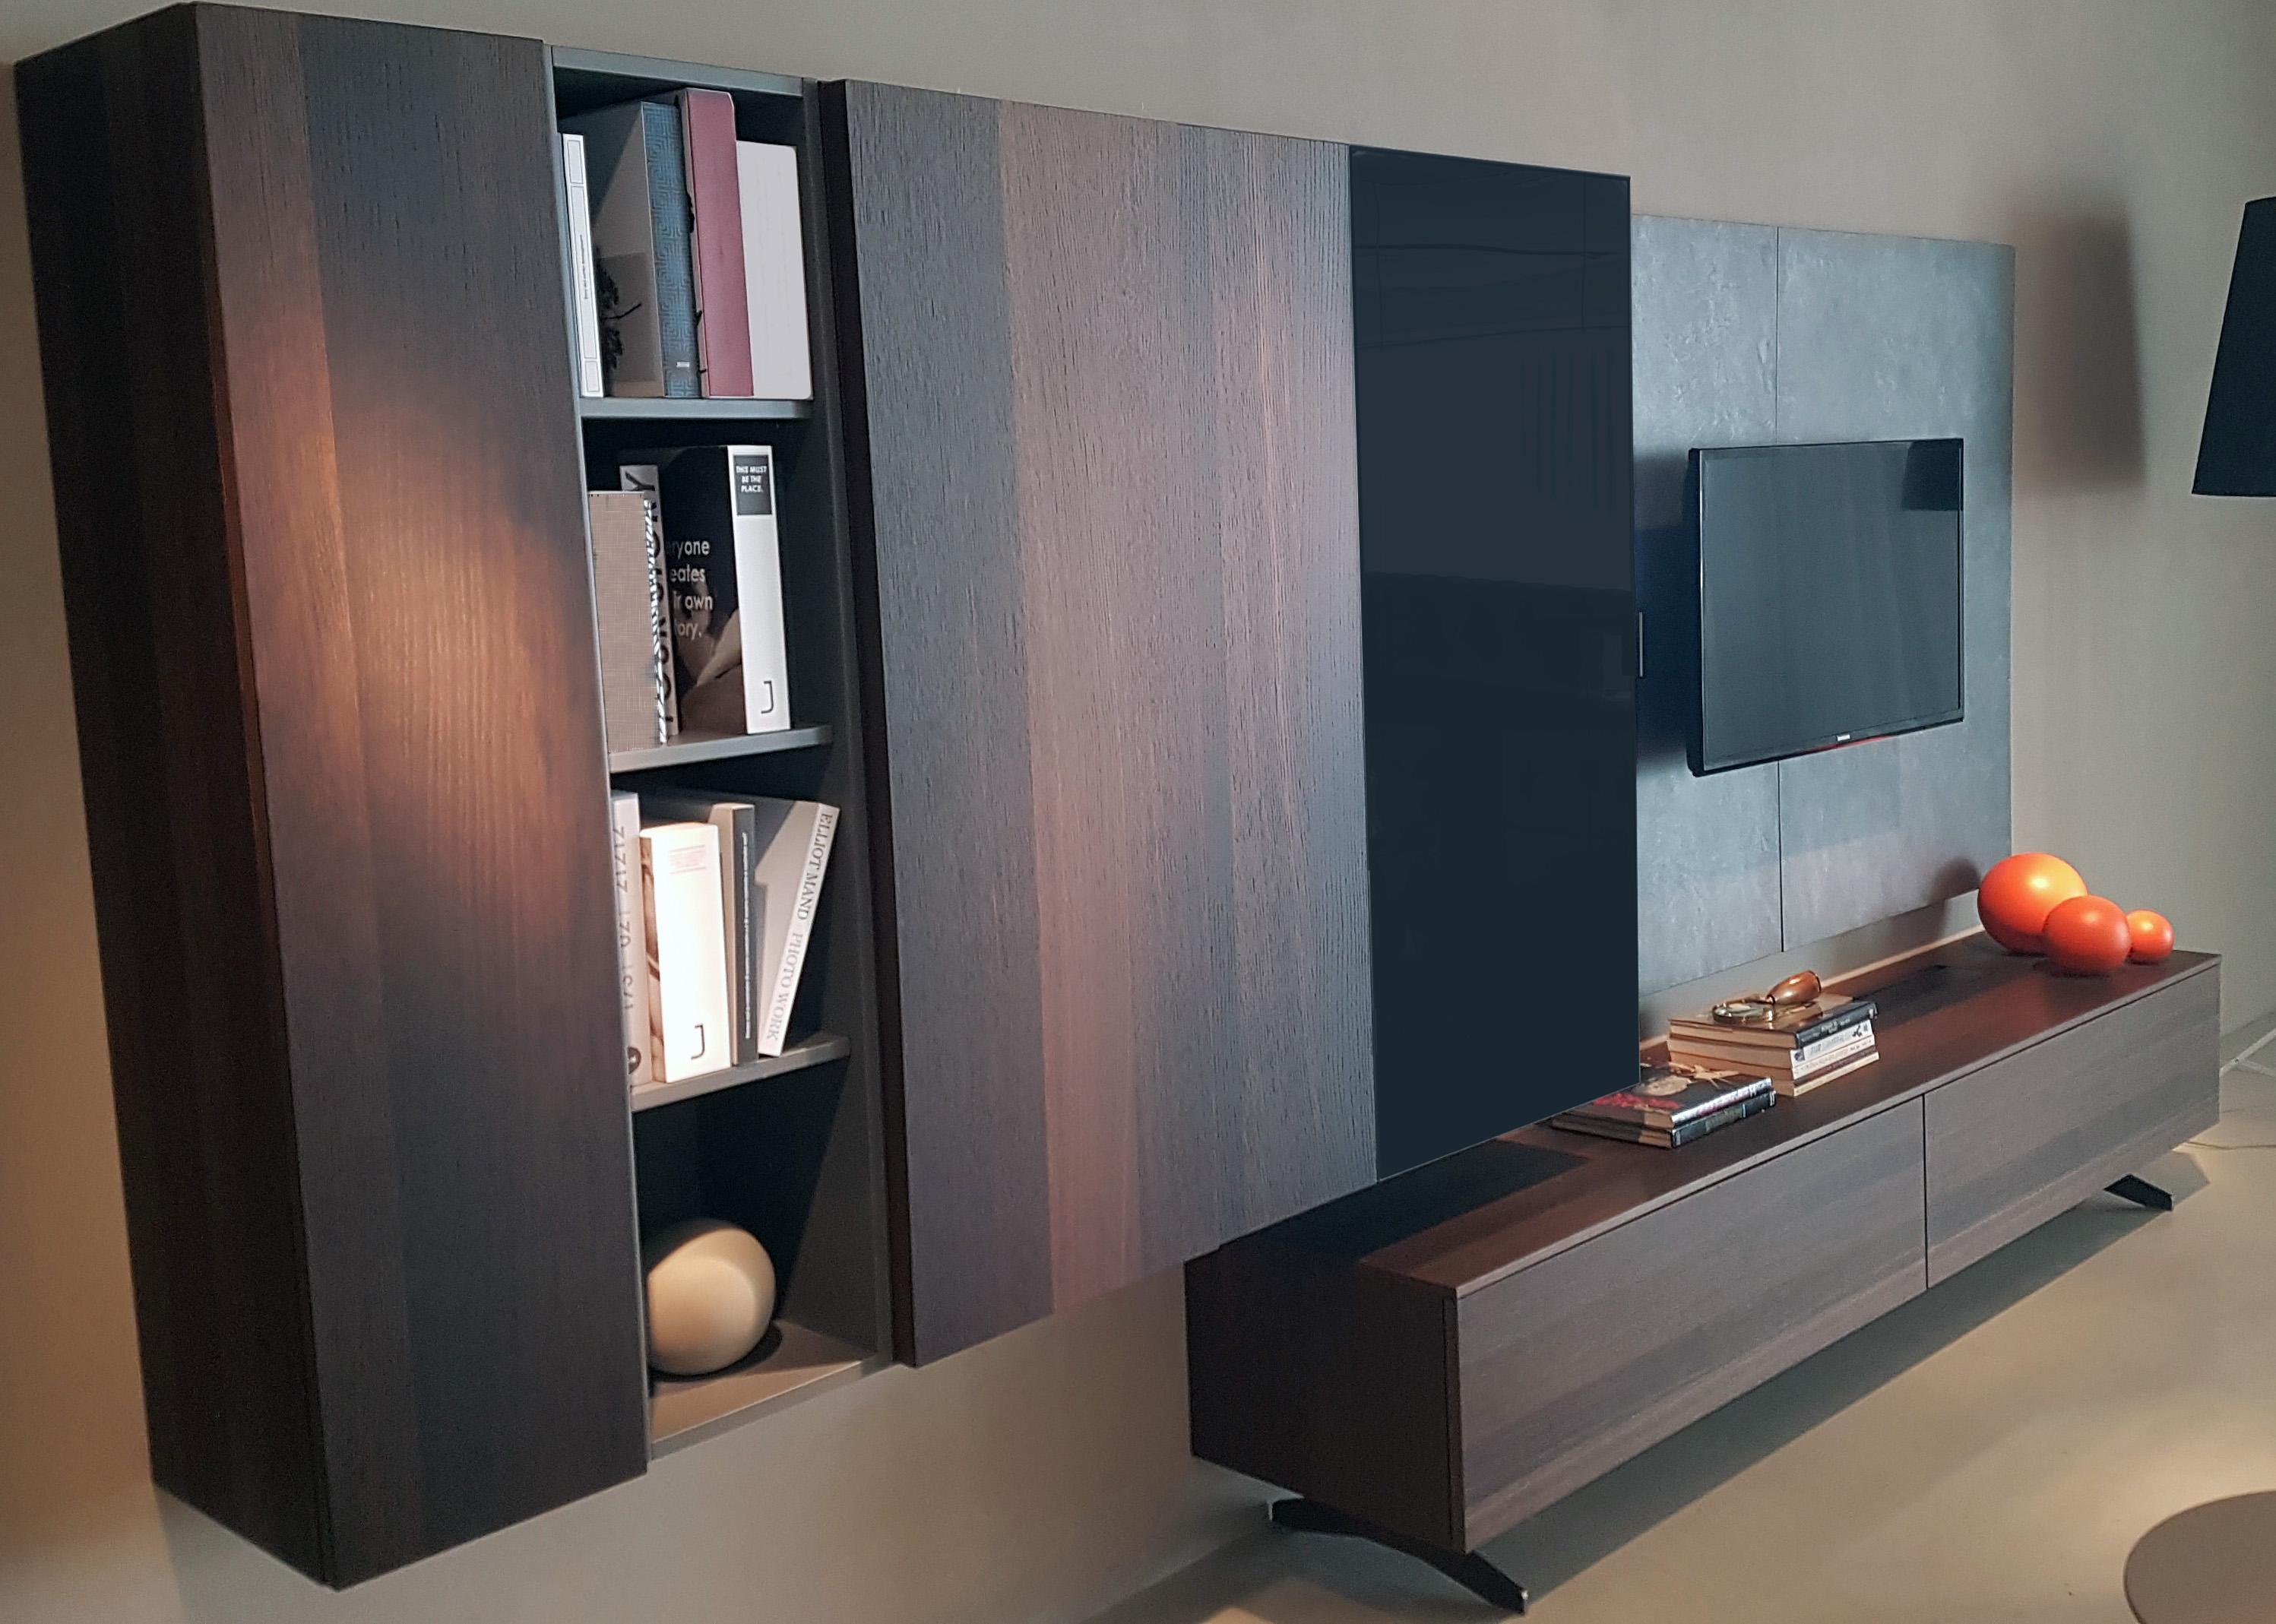 meuble suspendu avec vitrine et niche de rangement